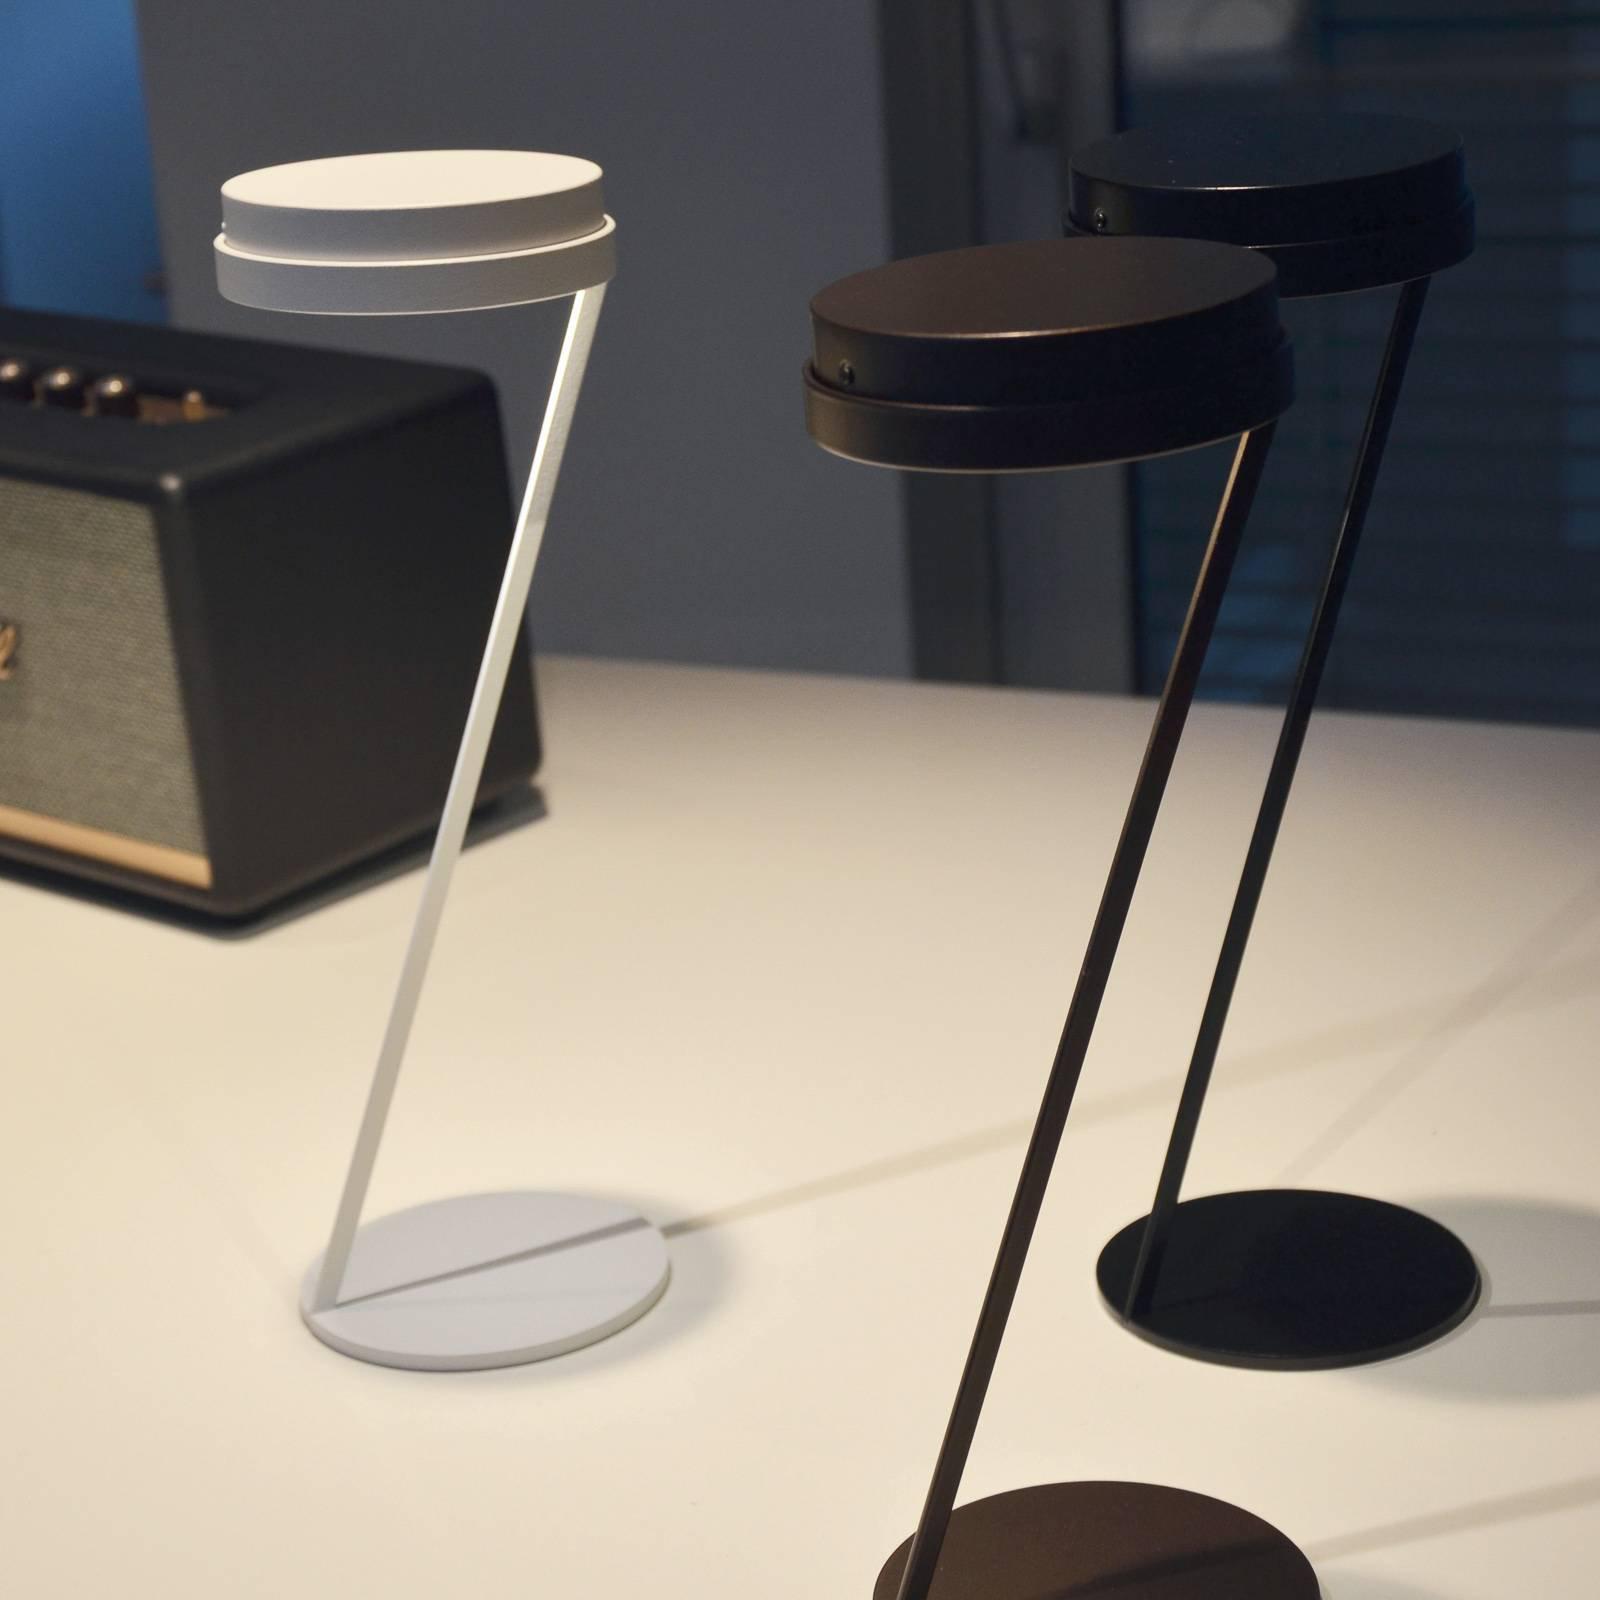 Knikerboker Zeta LED-sensor-bordlampe USB svart